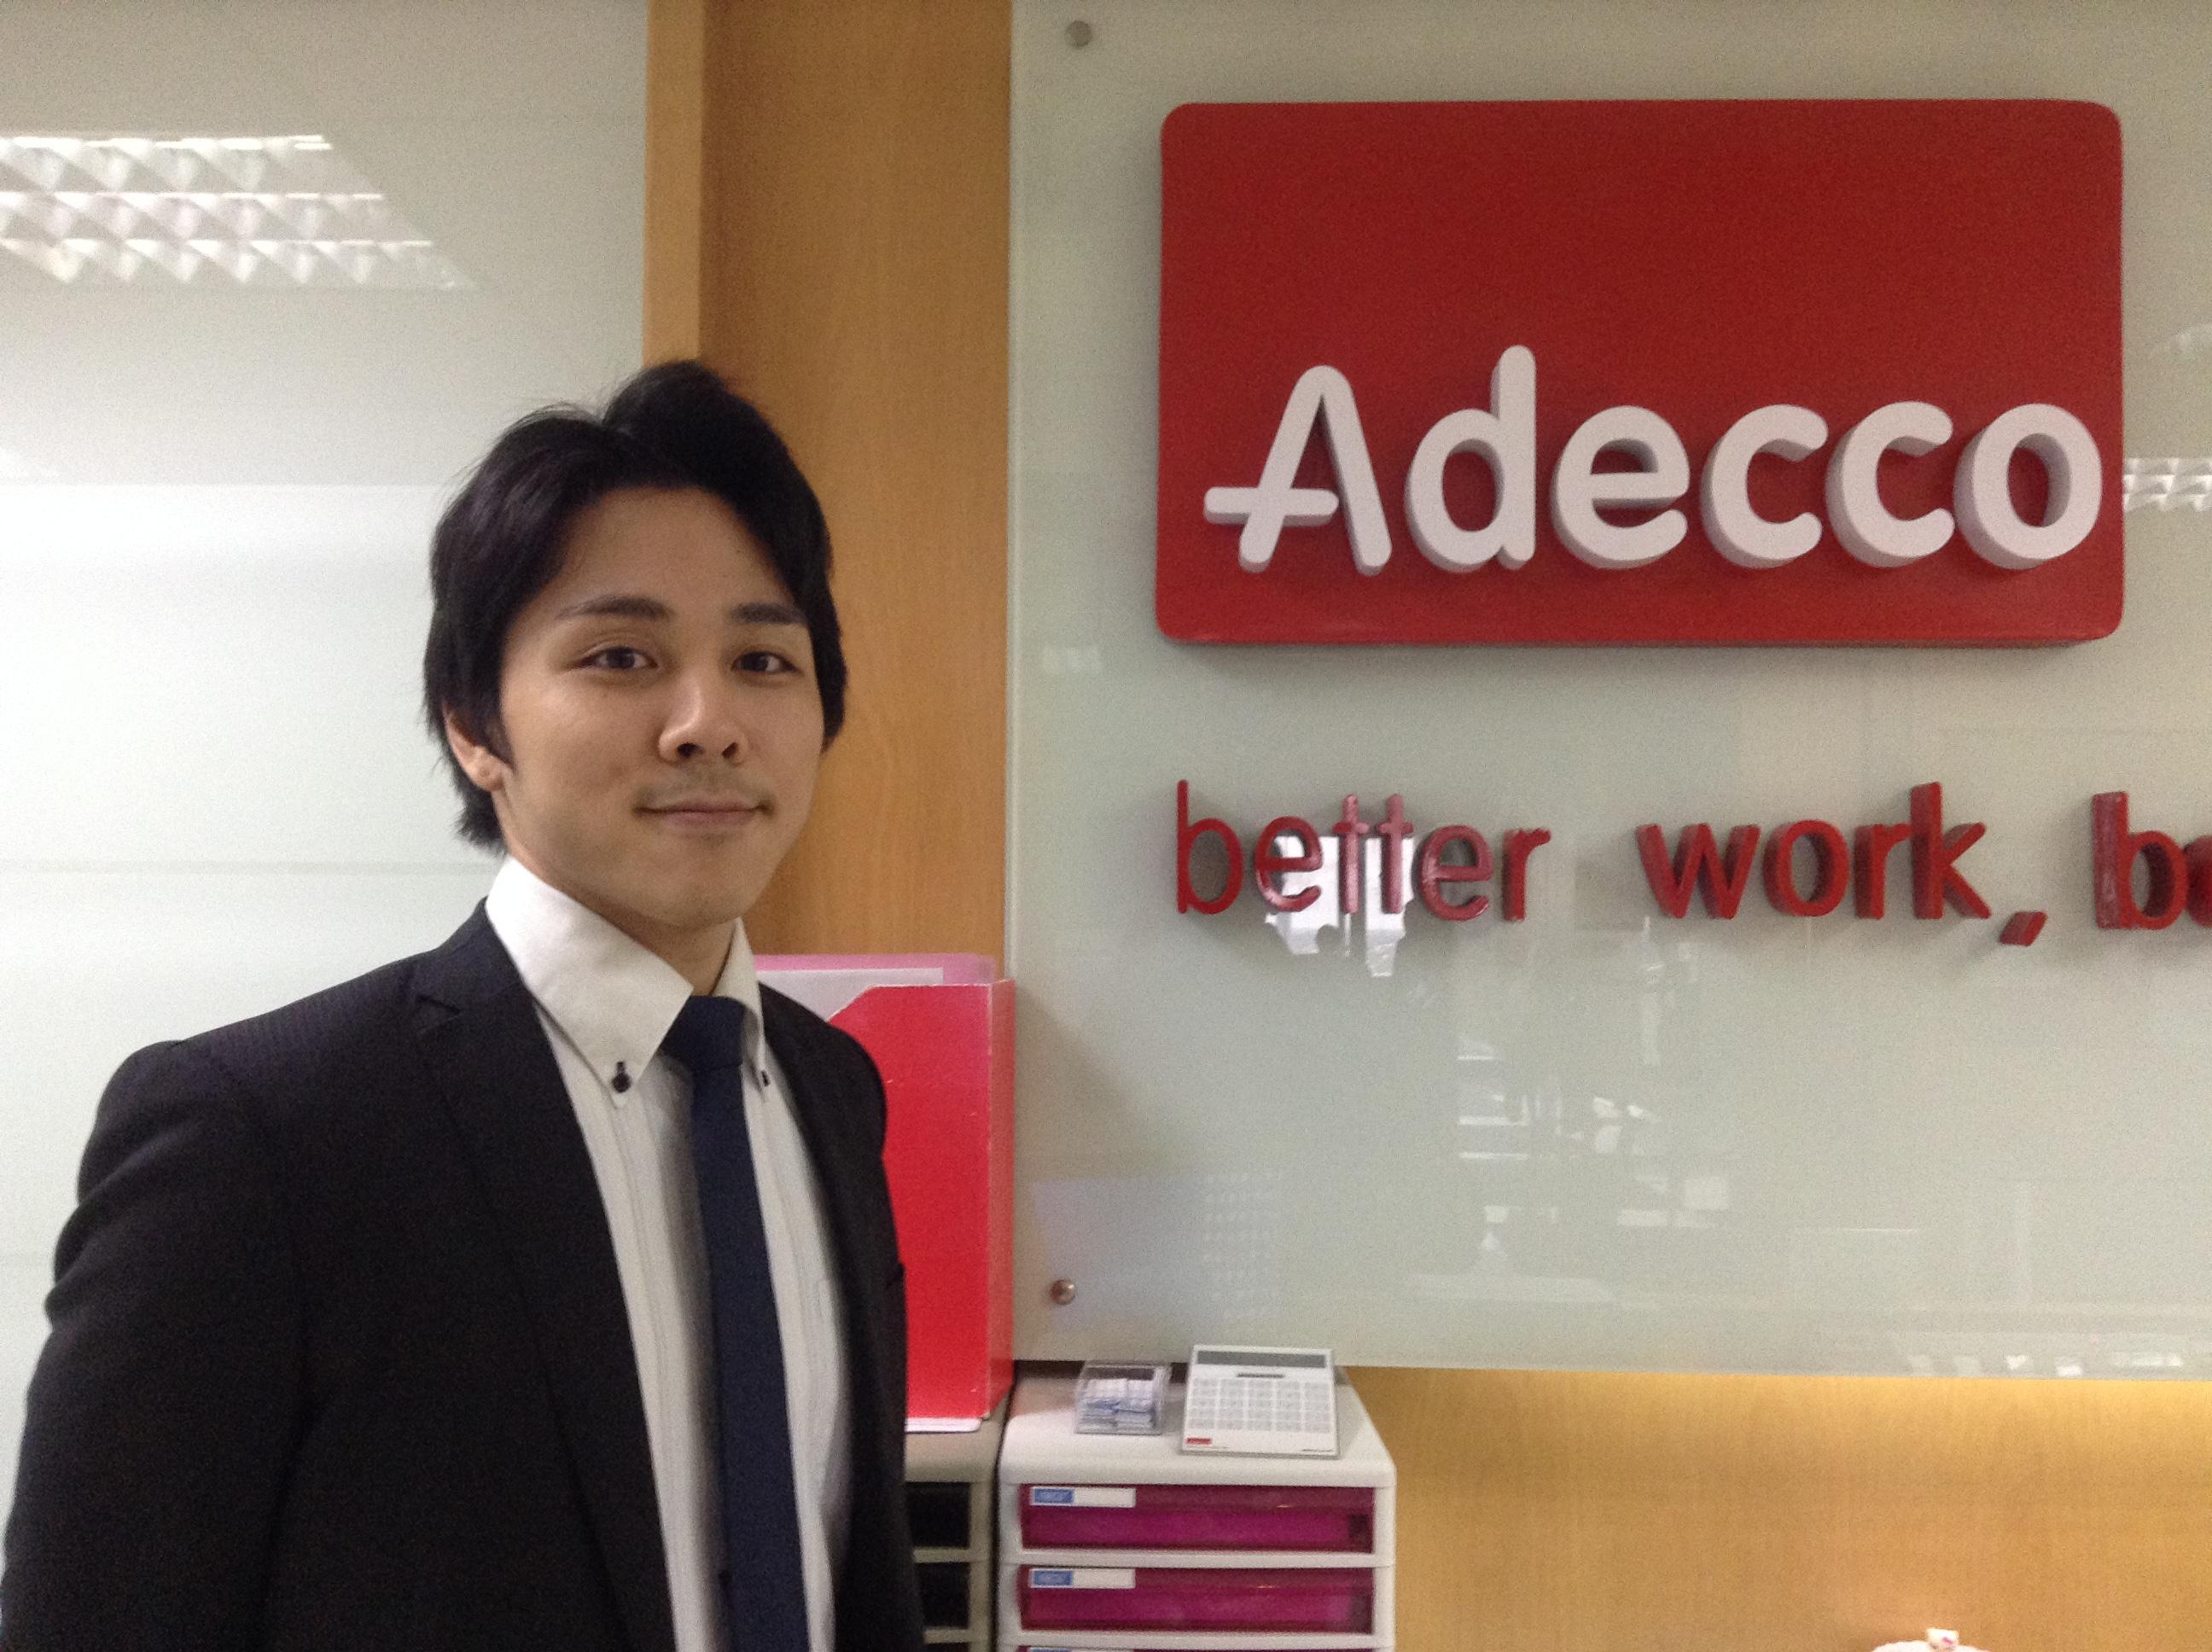 タイの転職エージェント Adecco(アデコ)の前田さん